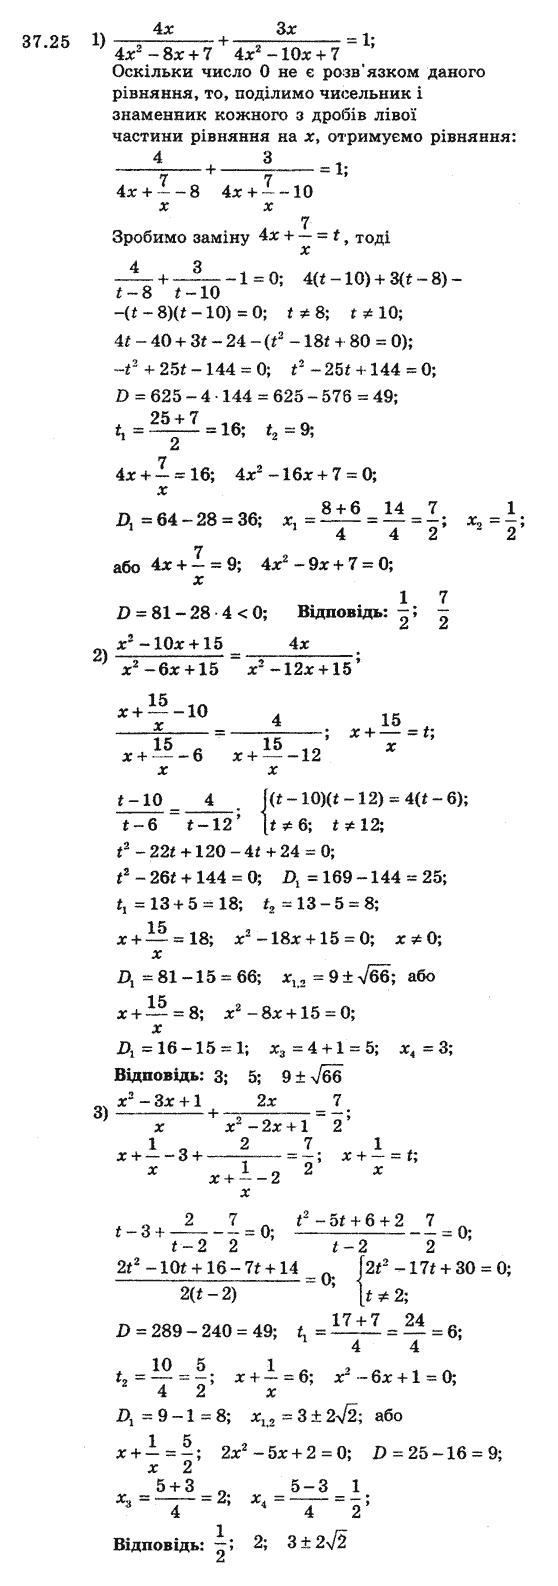 гдз з алгебры 8 клас